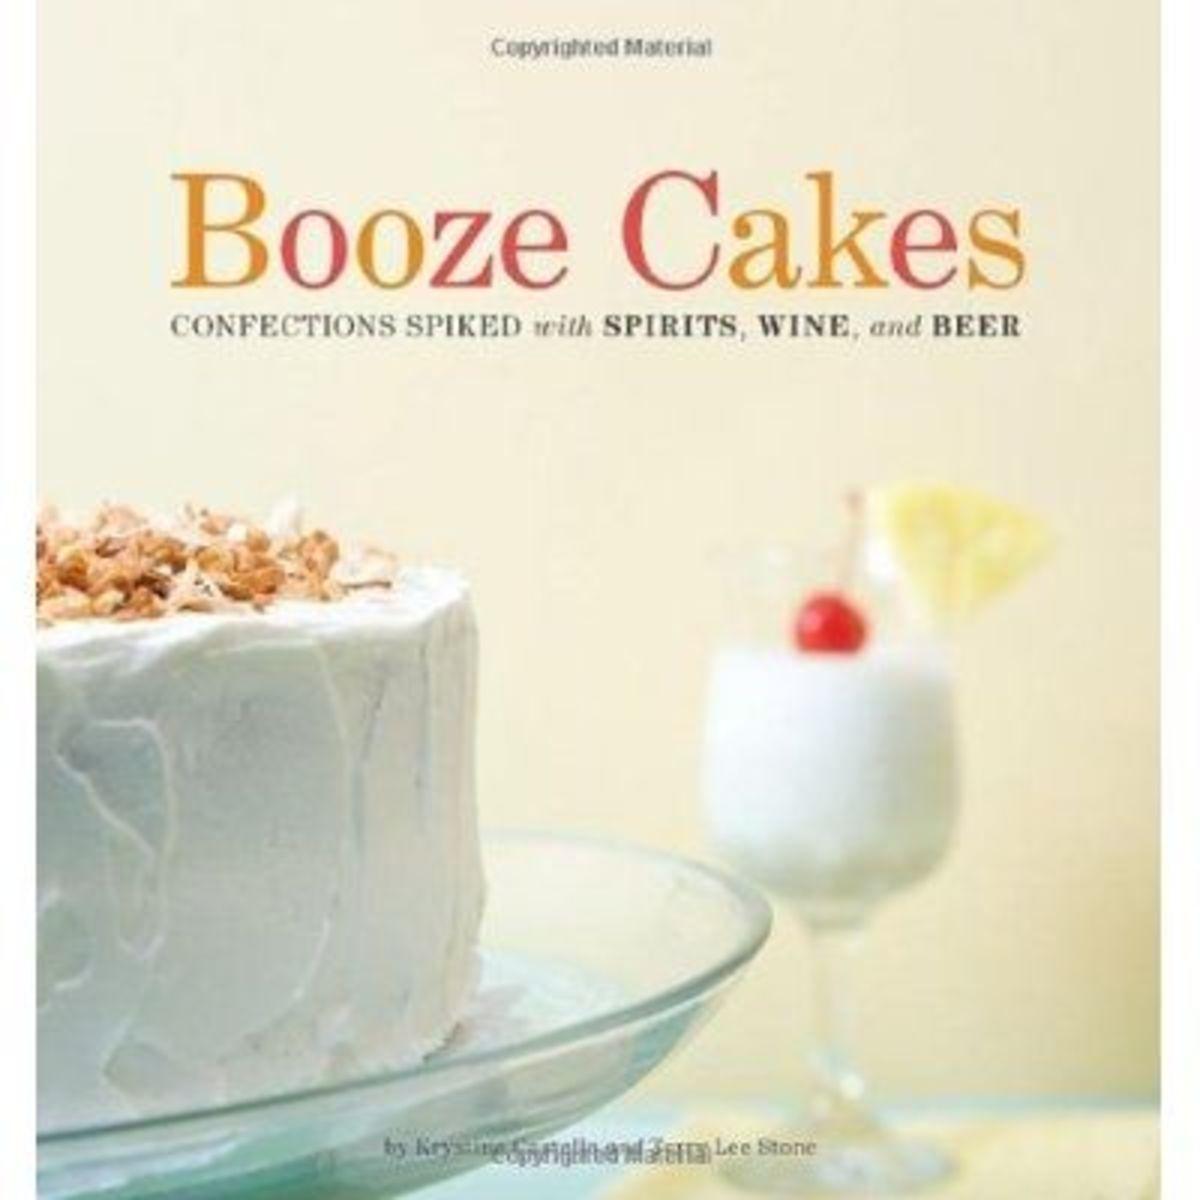 booze-cakes-cookbook